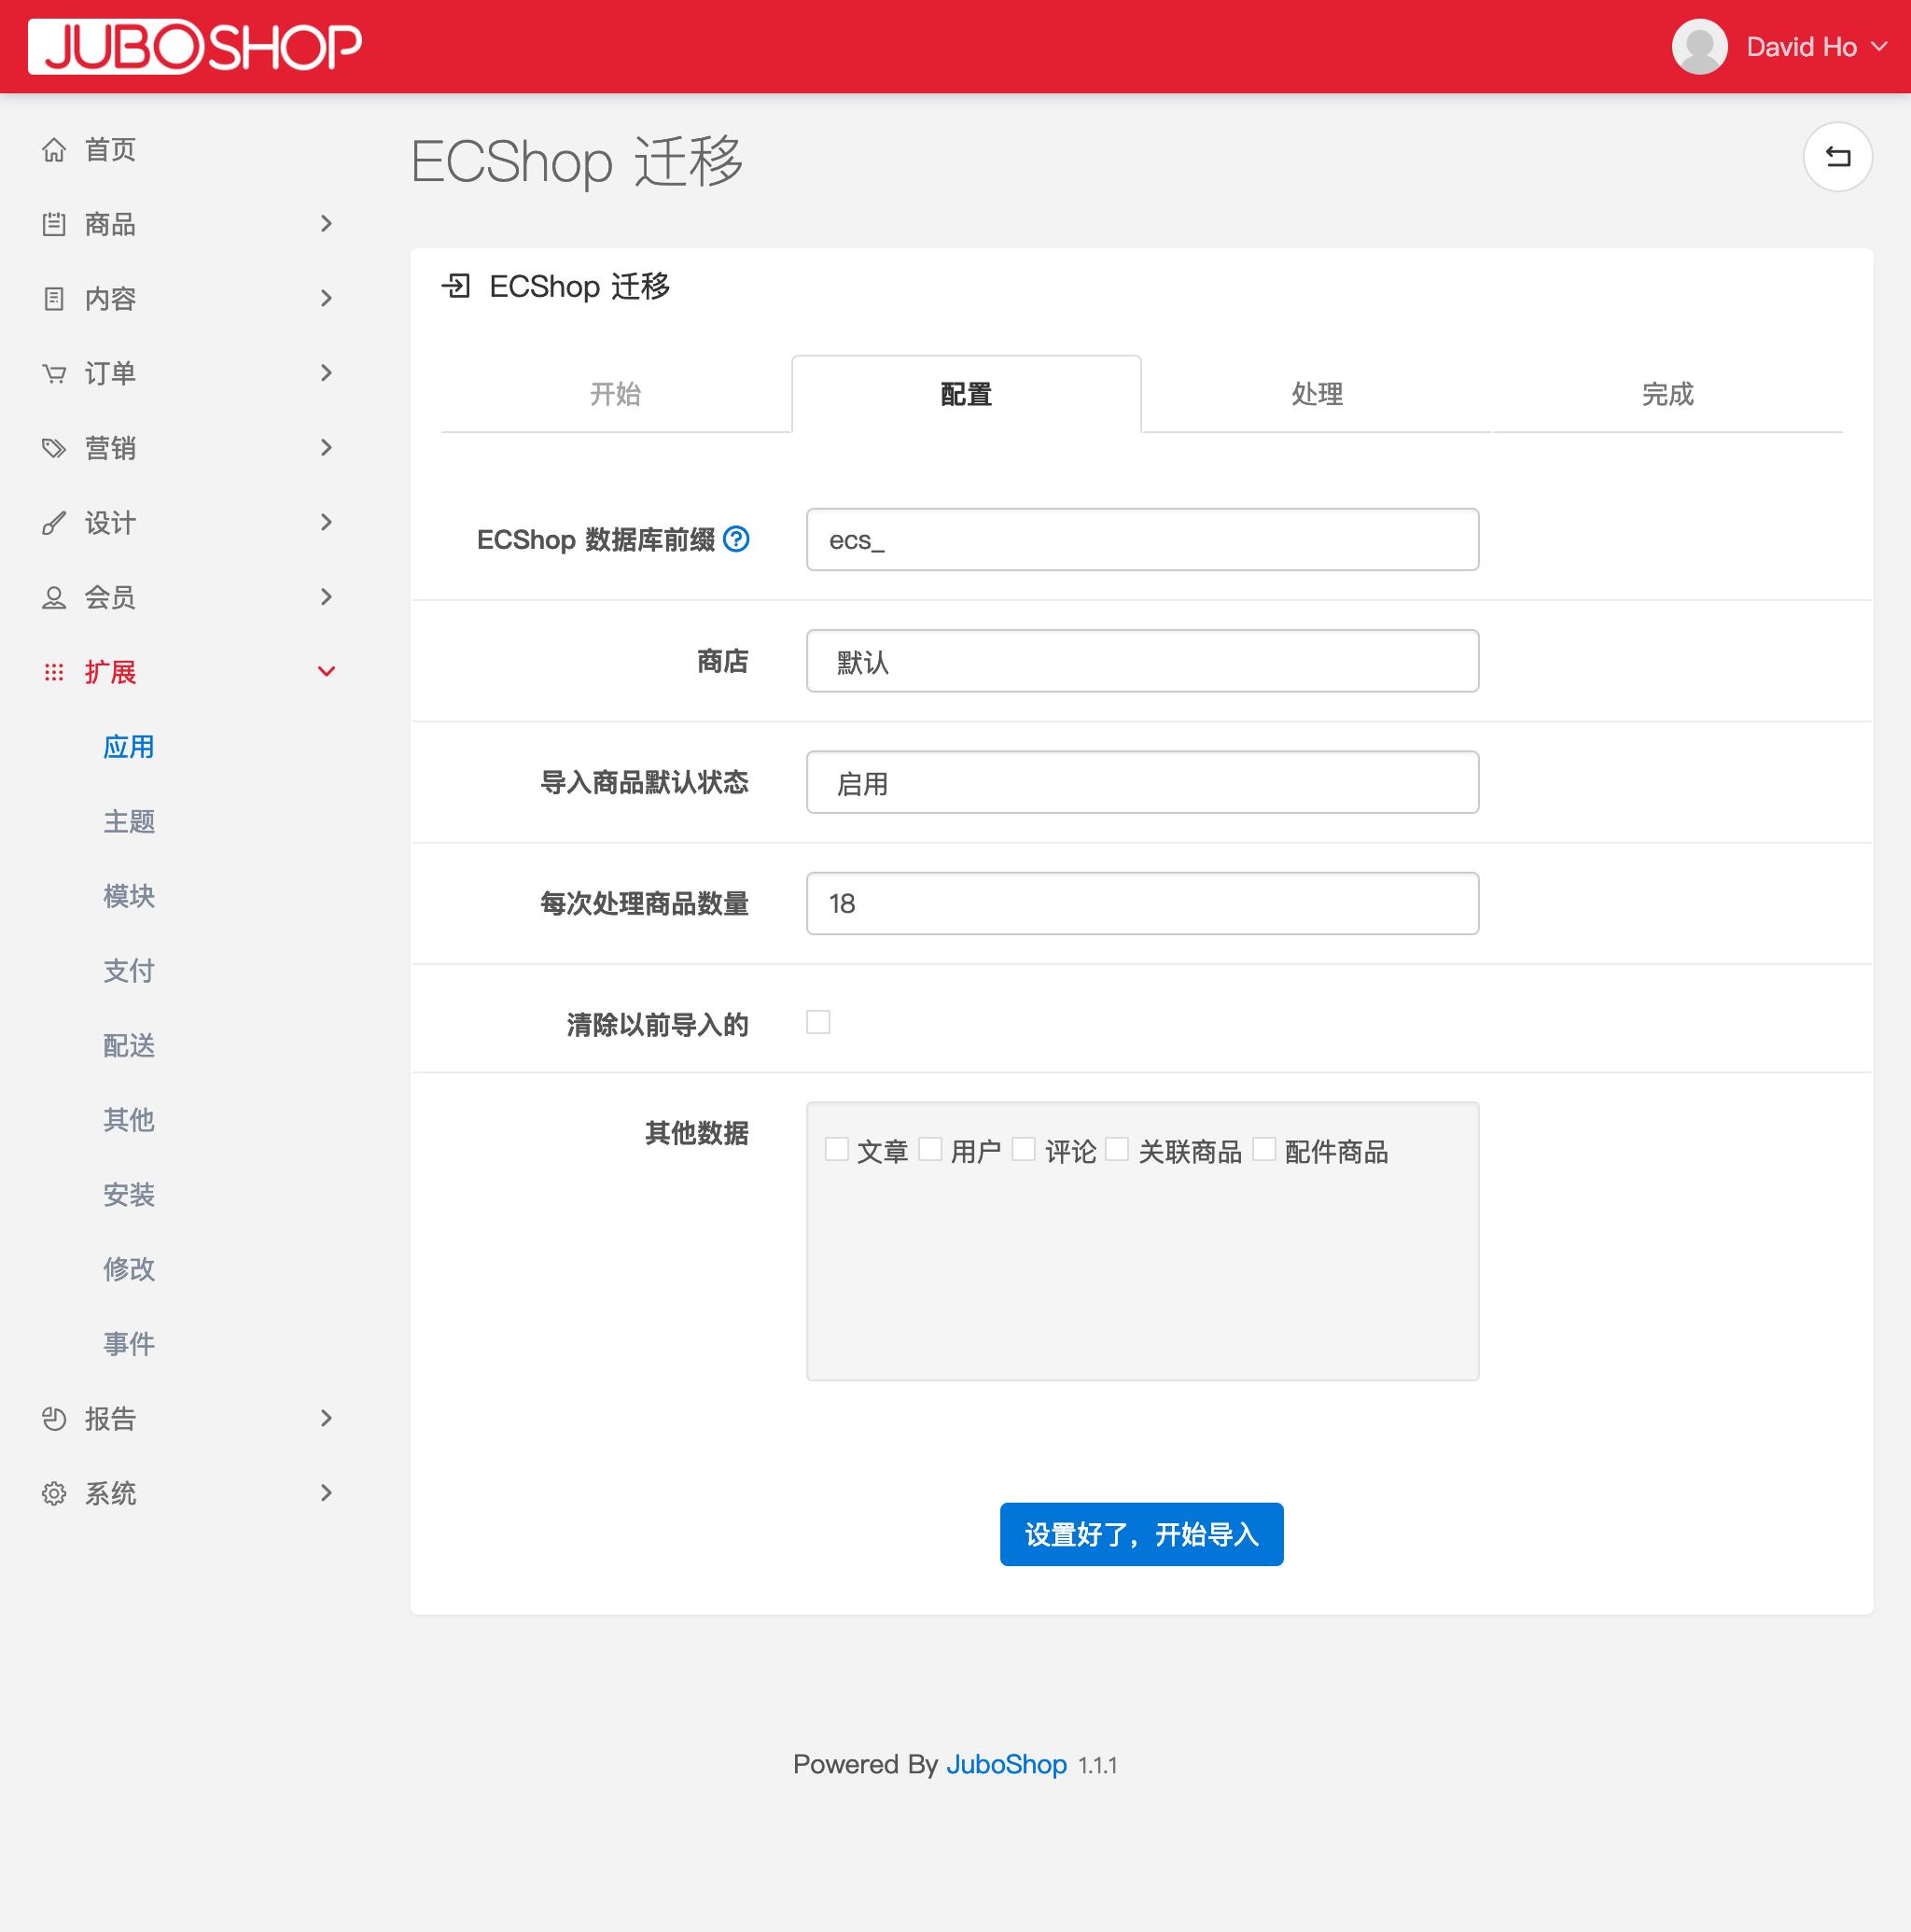 ECShop 迁移工具